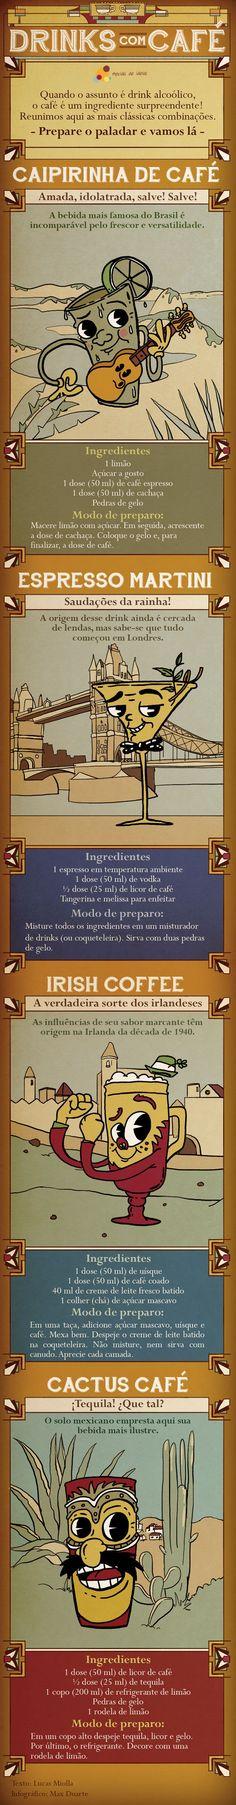 Infográfico #20 – Drinks com café